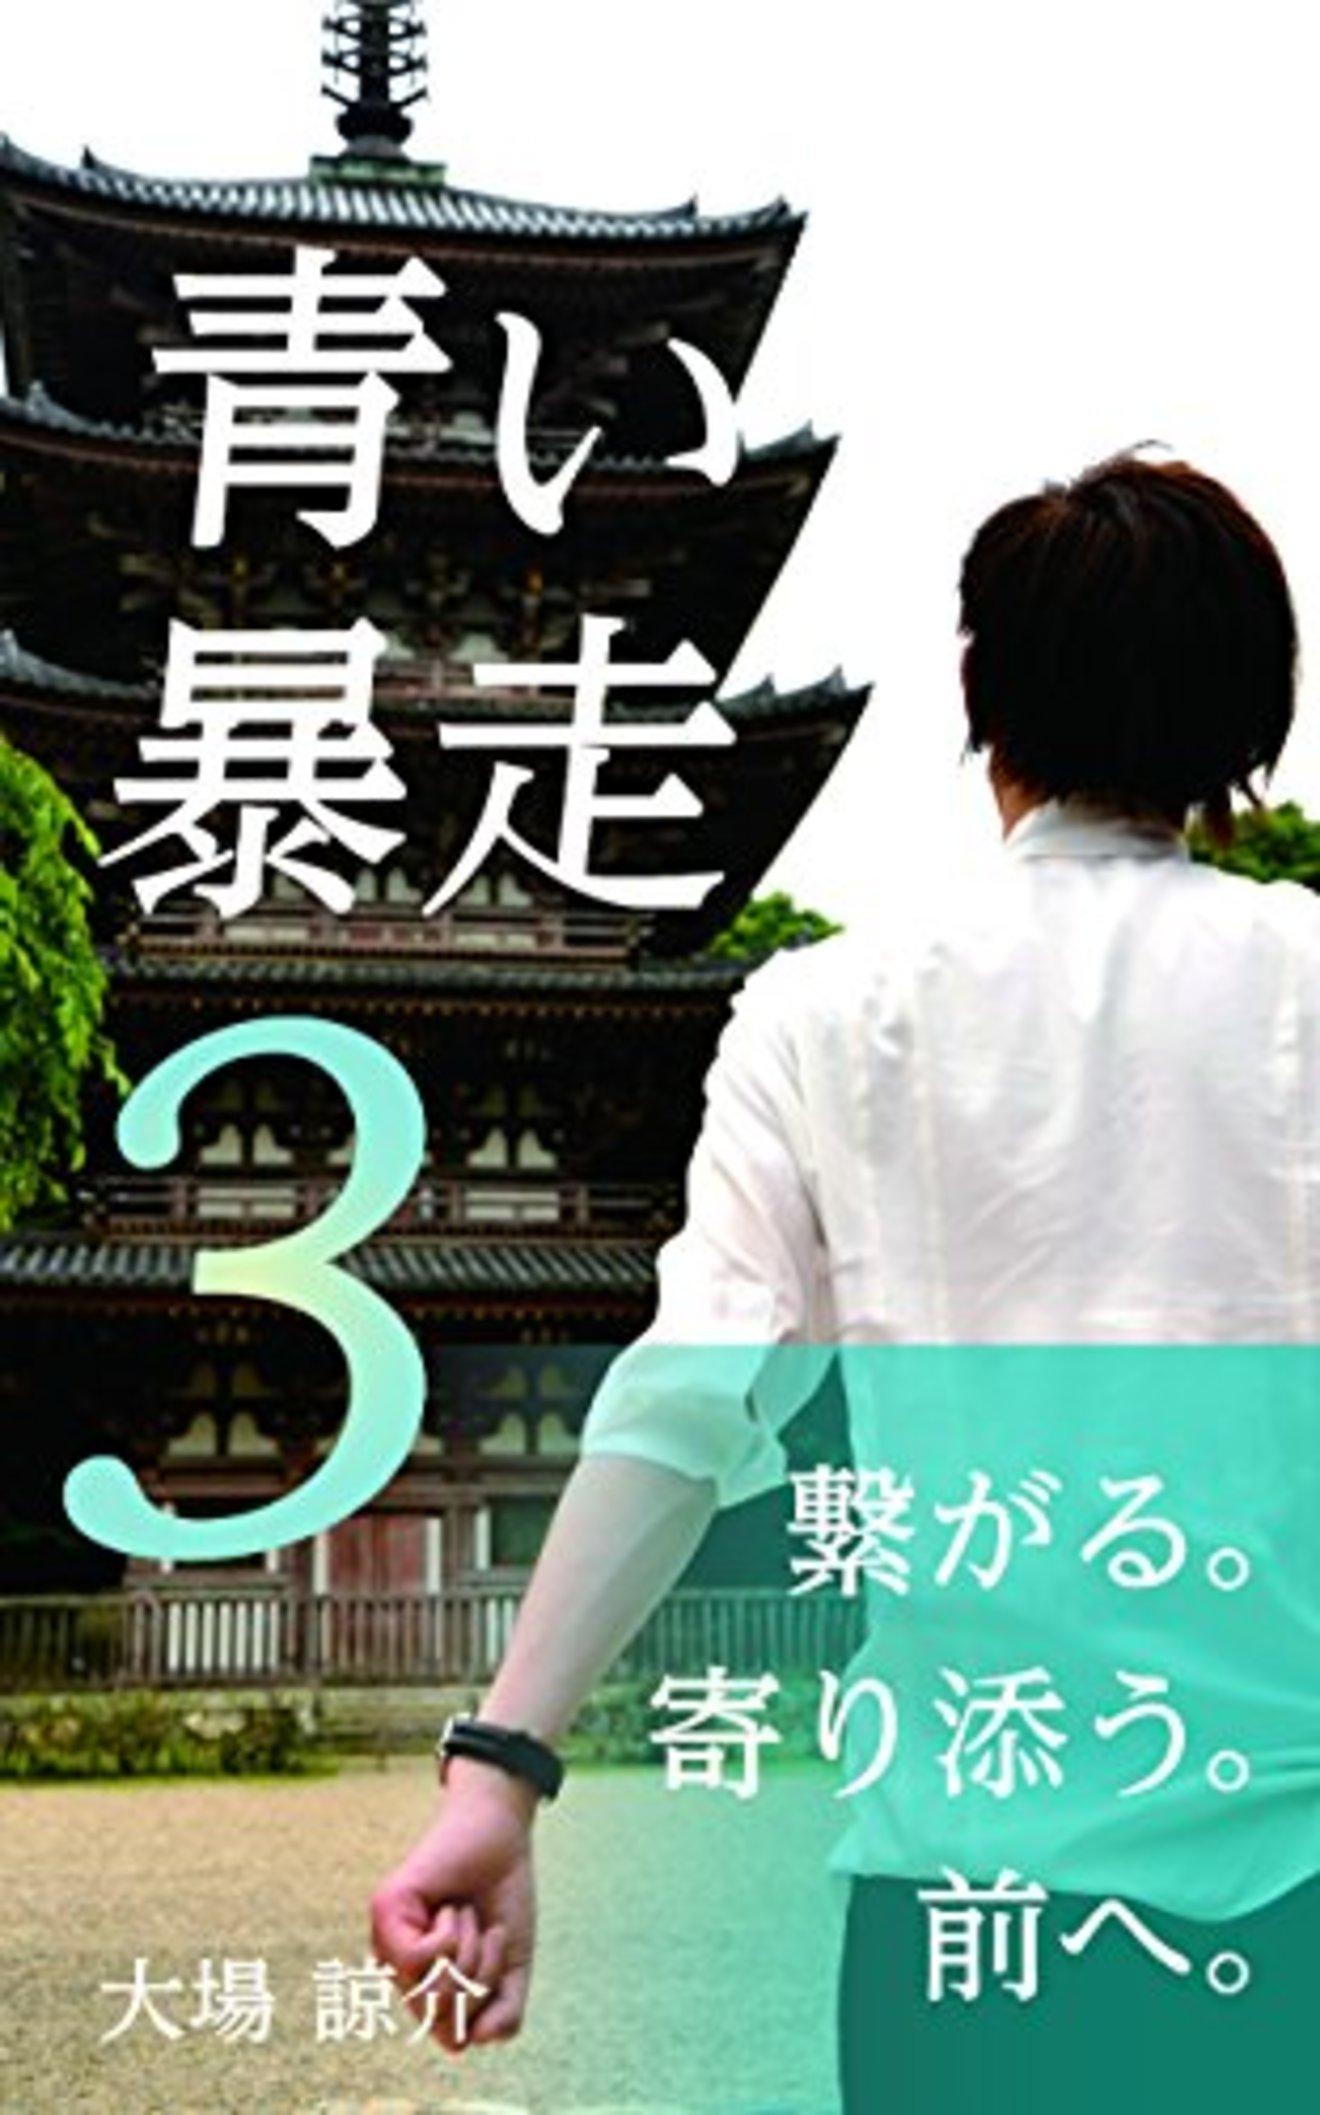 【連載小説】「ロマンティックが終わる時」第5話【毎朝6時更新】